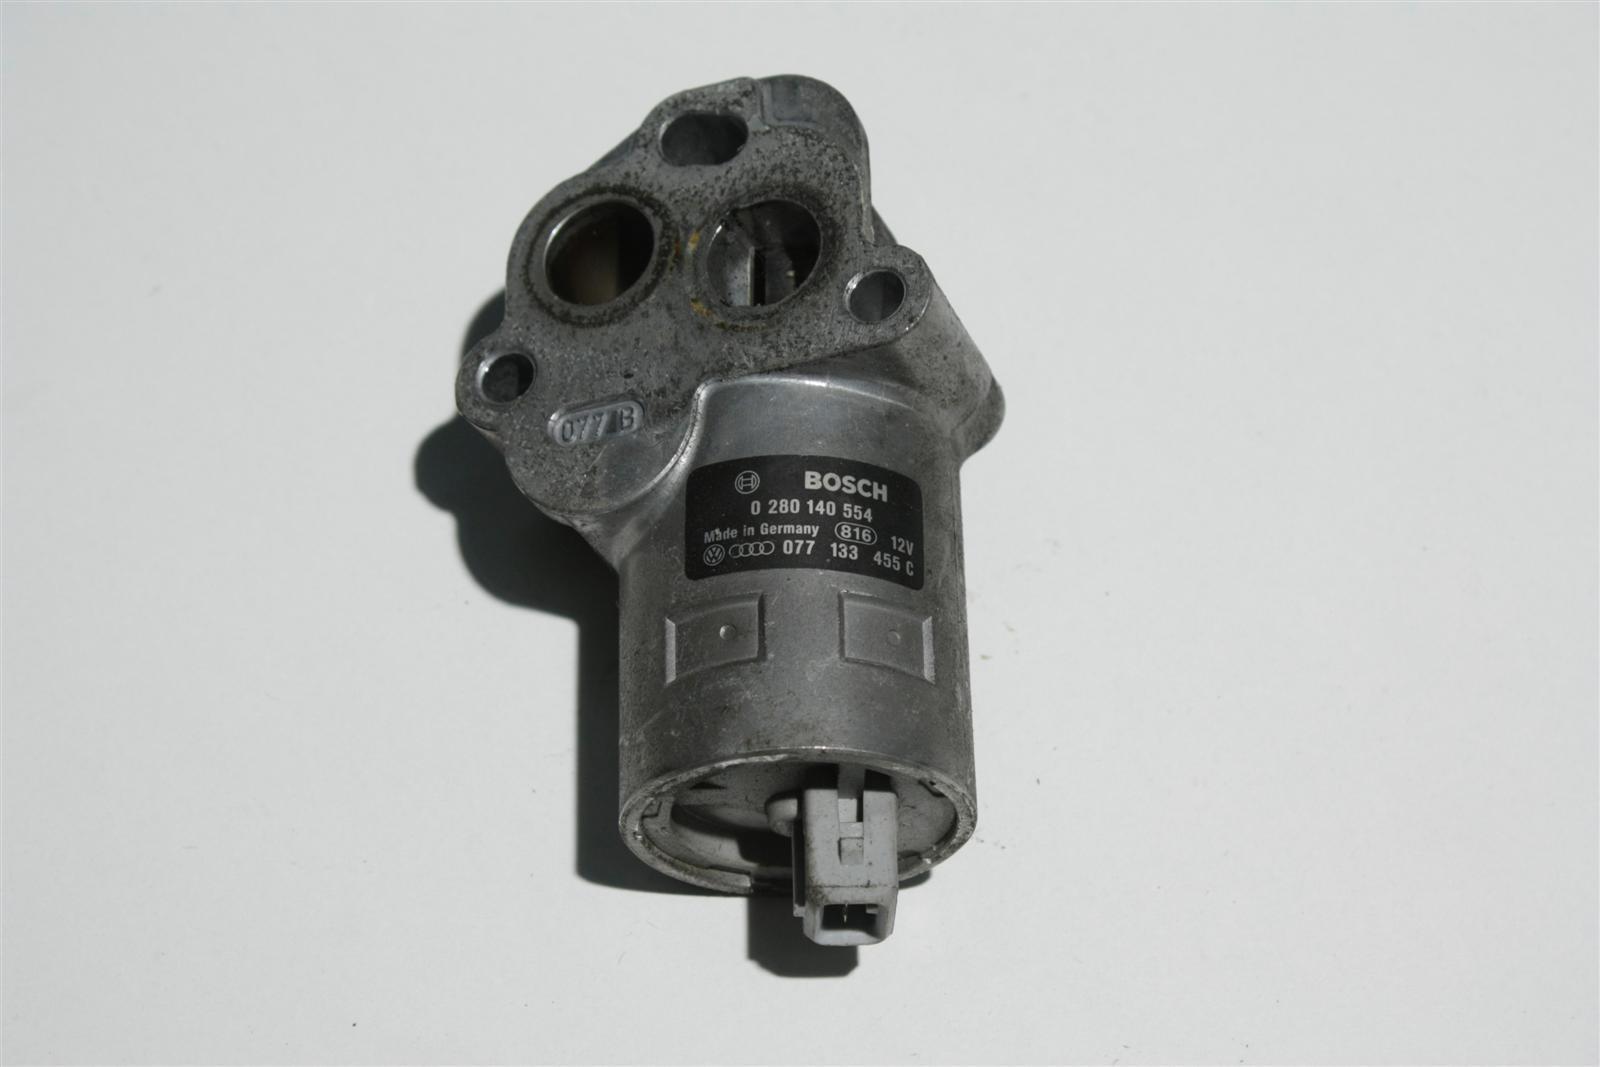 Audi S4/S6 C4/V8 4.2l ABH/AEC Leerlaufregelventil 077133455C